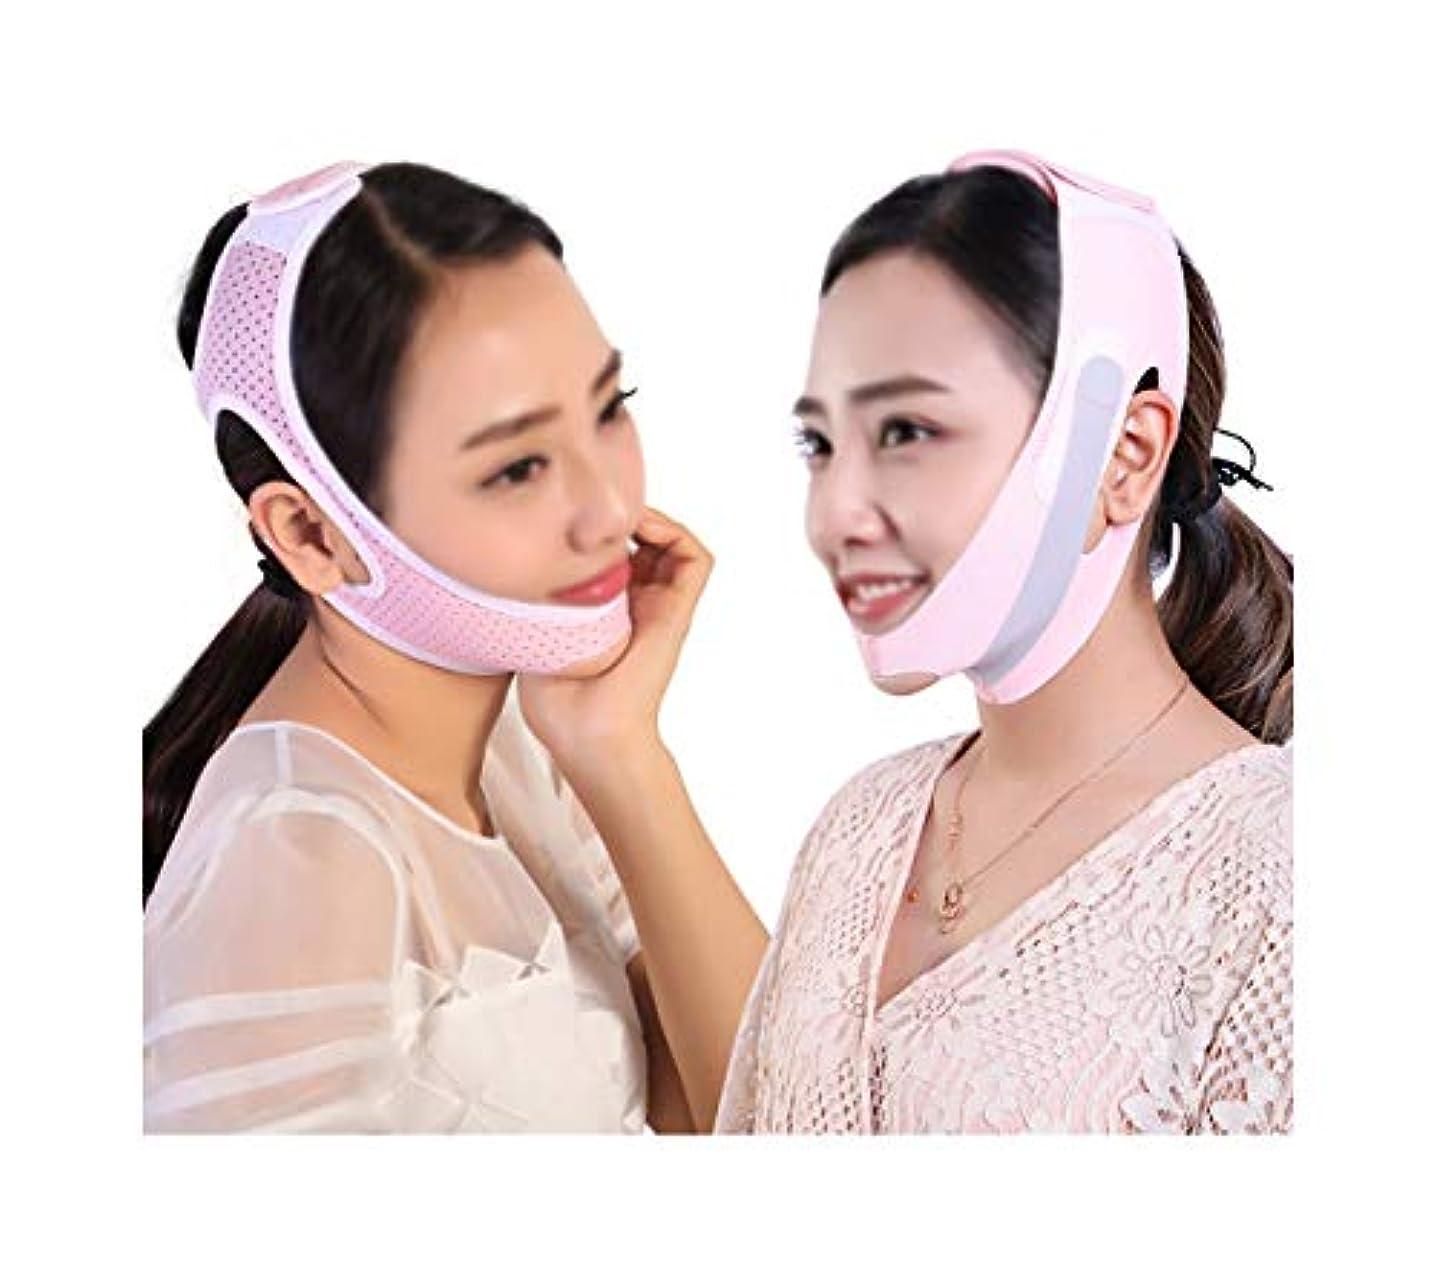 クレーター不注意電圧フェイス&ネックリフト後伸縮性スリーブ整形Vフェイスマスク収縮あご薄いフェイス包帯引き締め小さなVフェイスアーティファクトフェイスマスク(2パック) (Size : L)